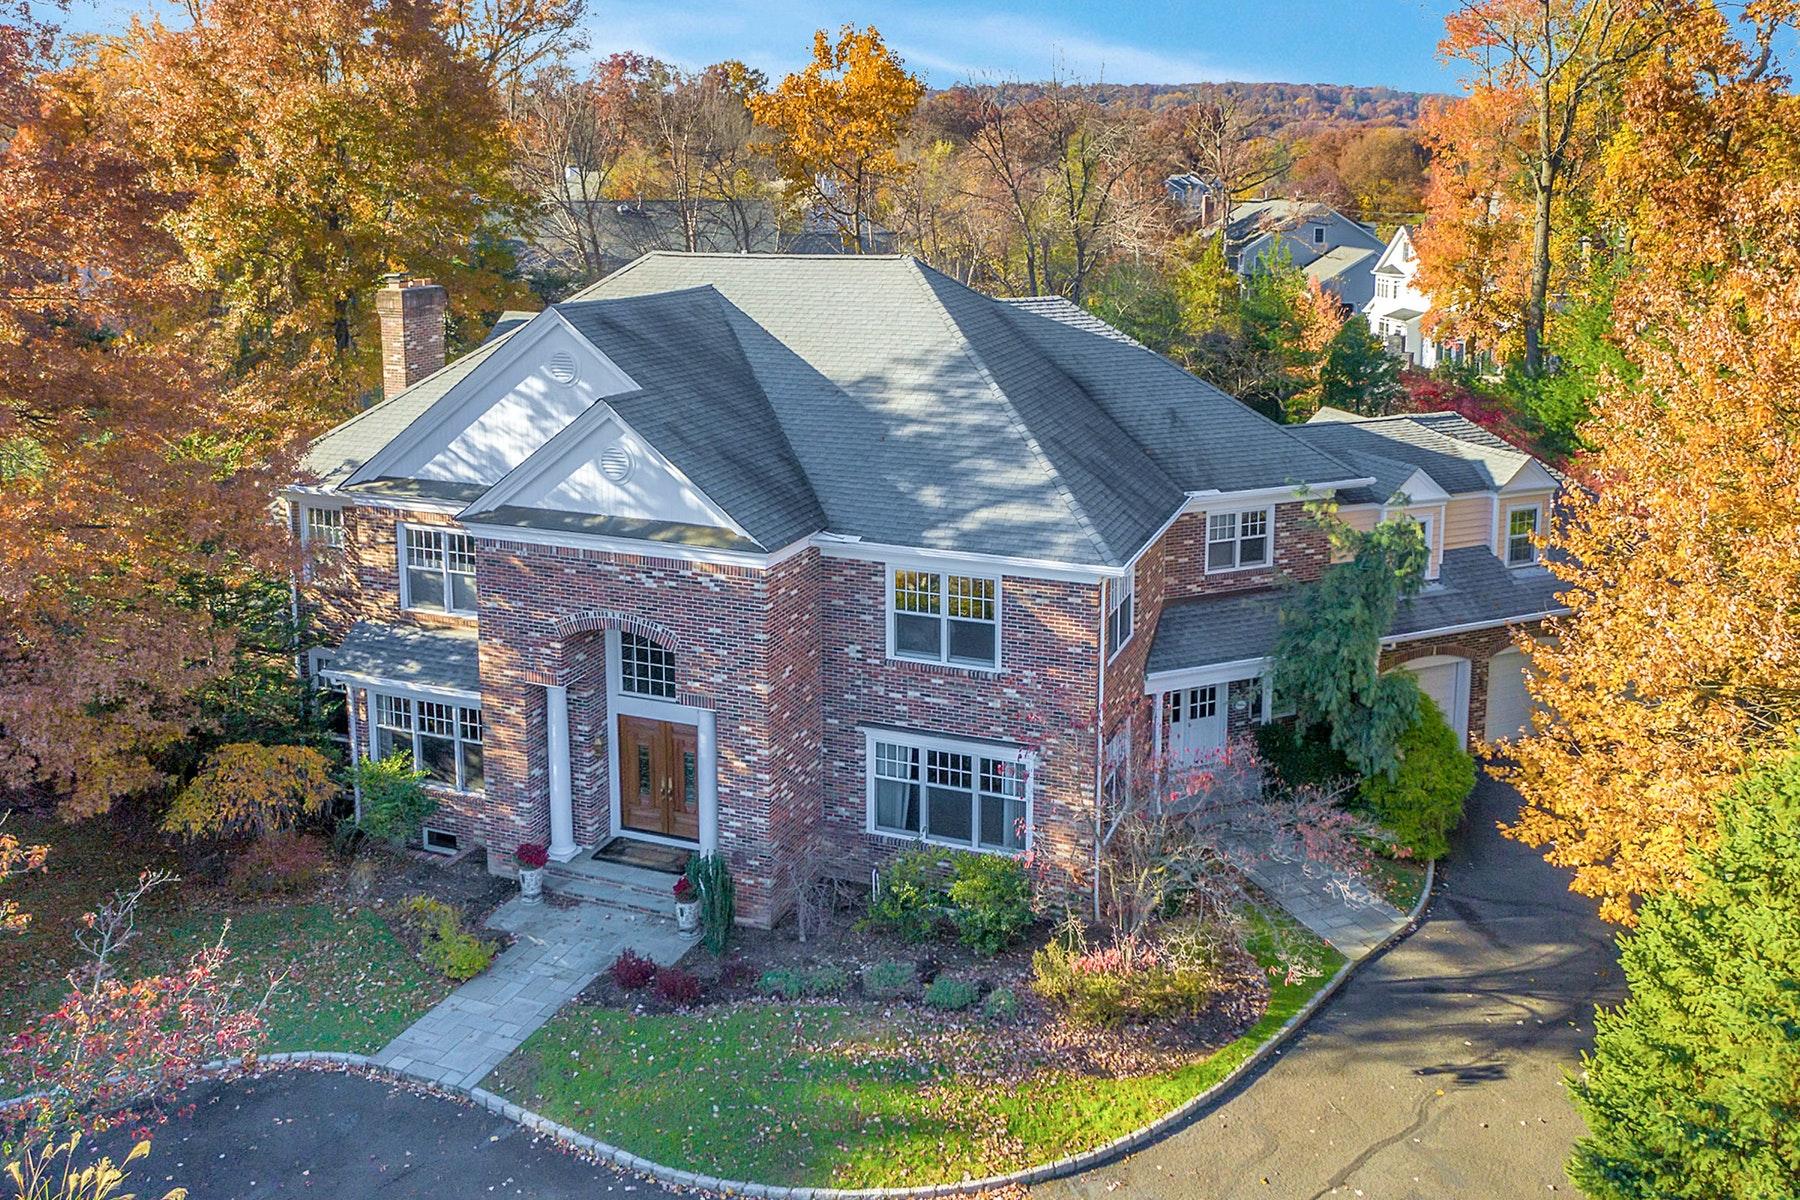 Частный односемейный дом для того Продажа на Magnificent Custom Colonial 910 Bailey Court, Westfield, Нью-Джерси 07090 Соединенные Штаты